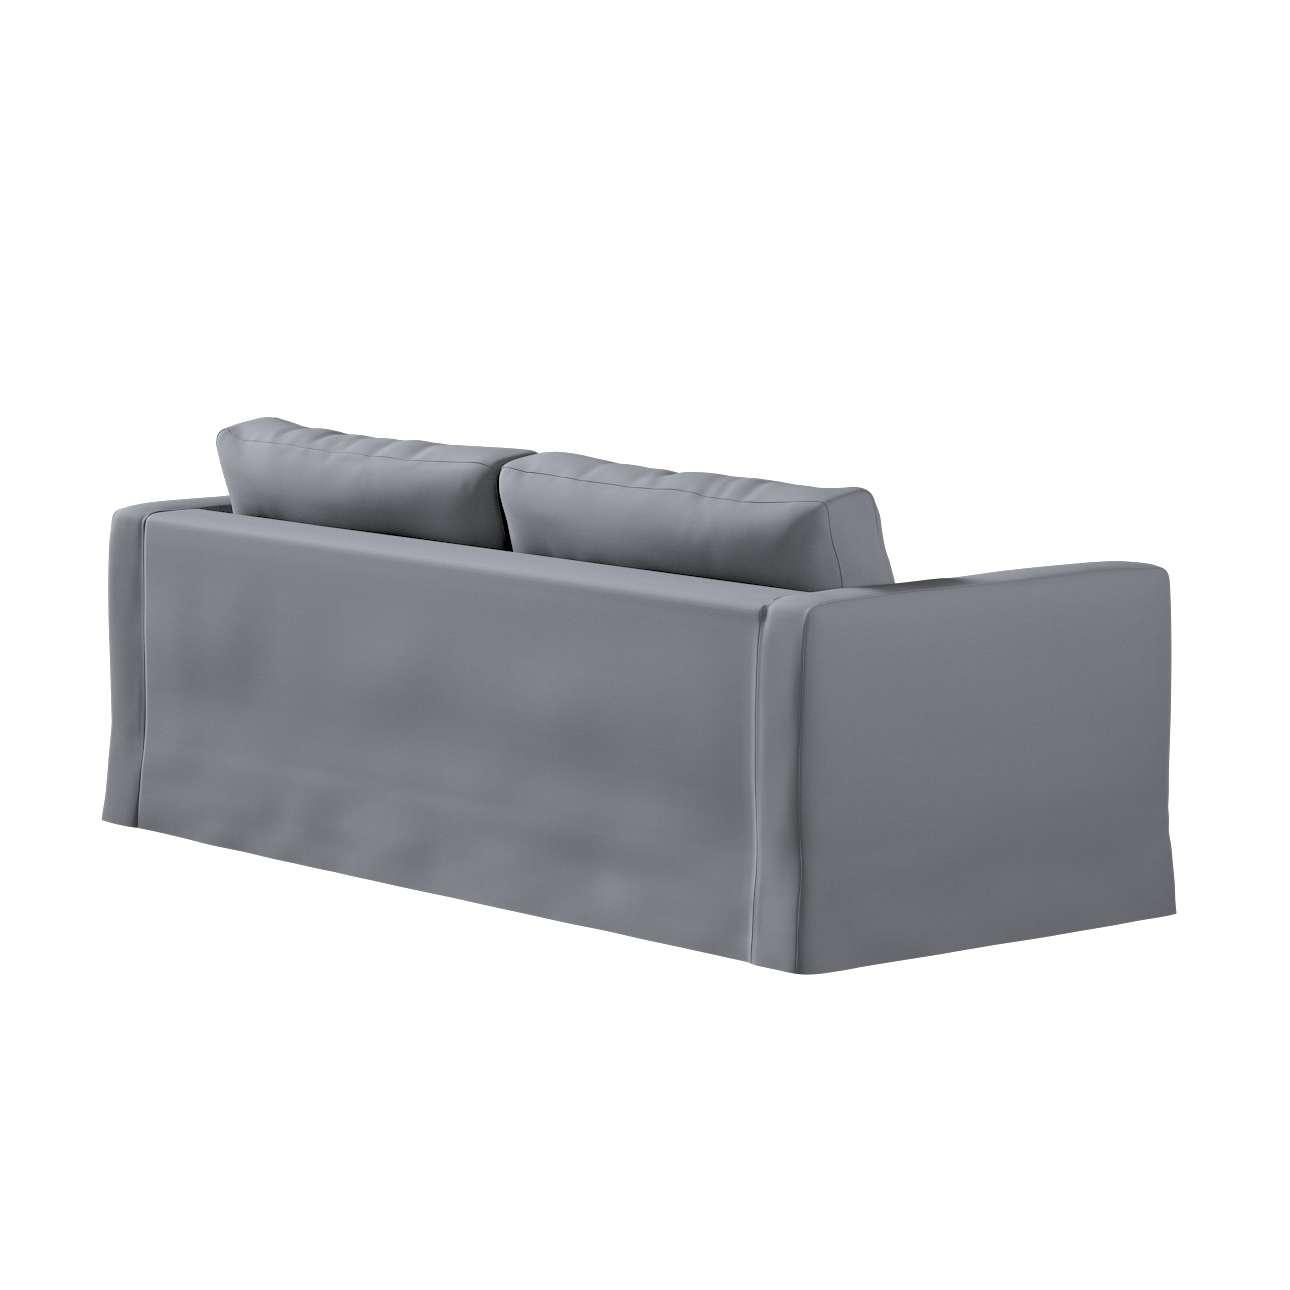 Potah na pohovku IKEA  Karlstad 3-místná, nerozkládací, dlouhý v kolekci Cotton Panama, látka: 702-07